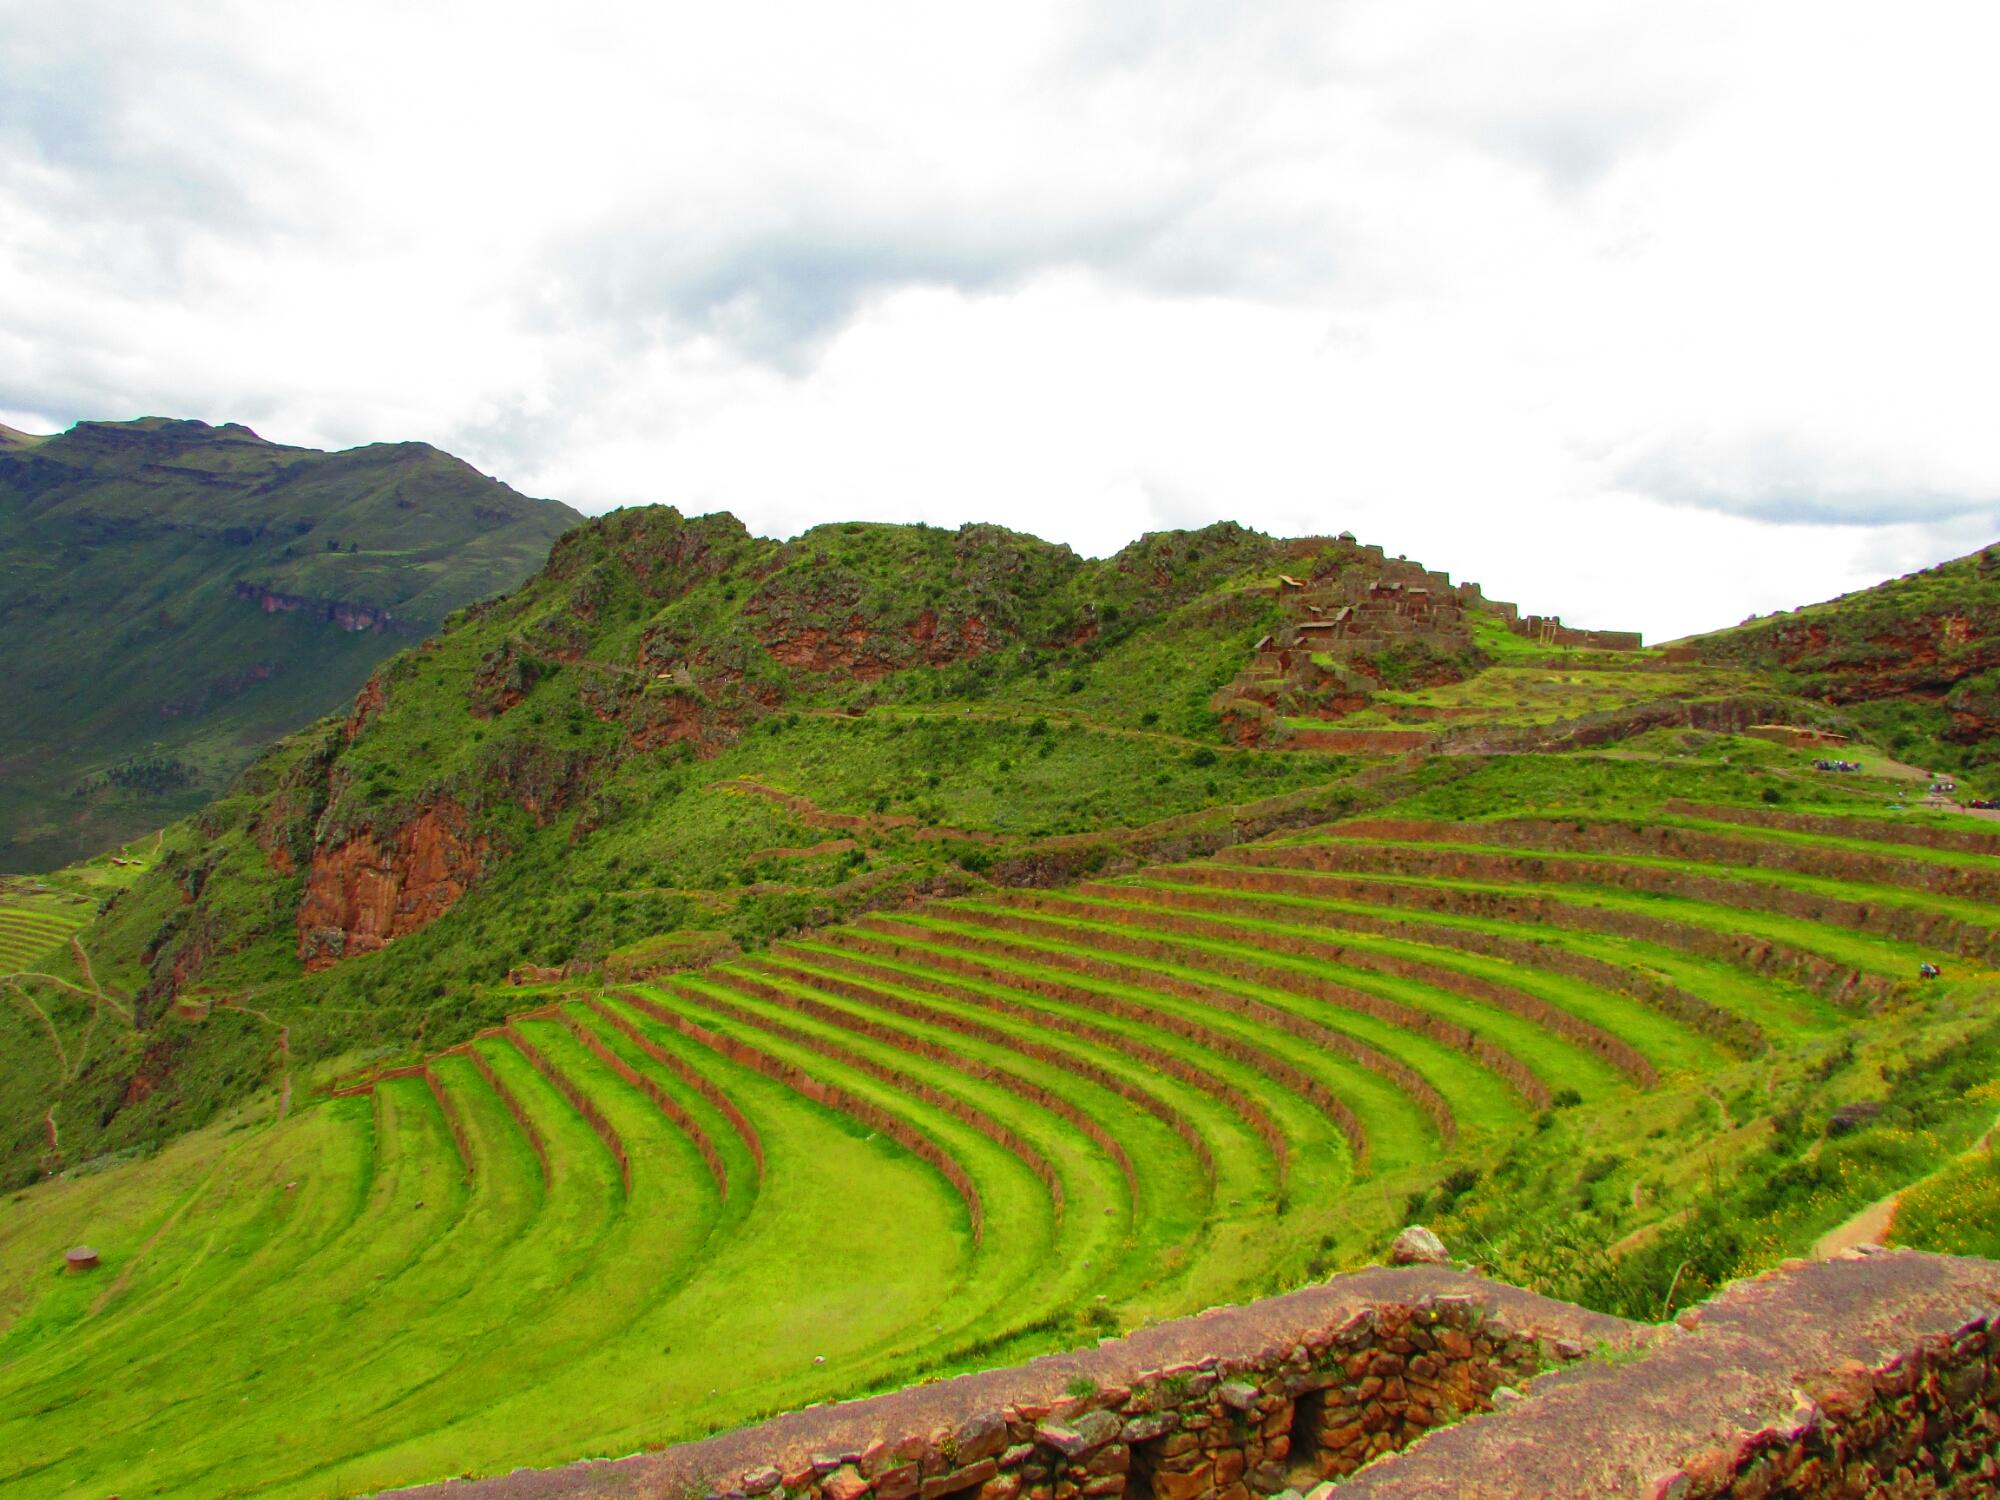 terraza de cultivo en un precioso paisaje entre montañas en las ruinas incas de Písac en el Valle Sagrado cerca de Cuzco